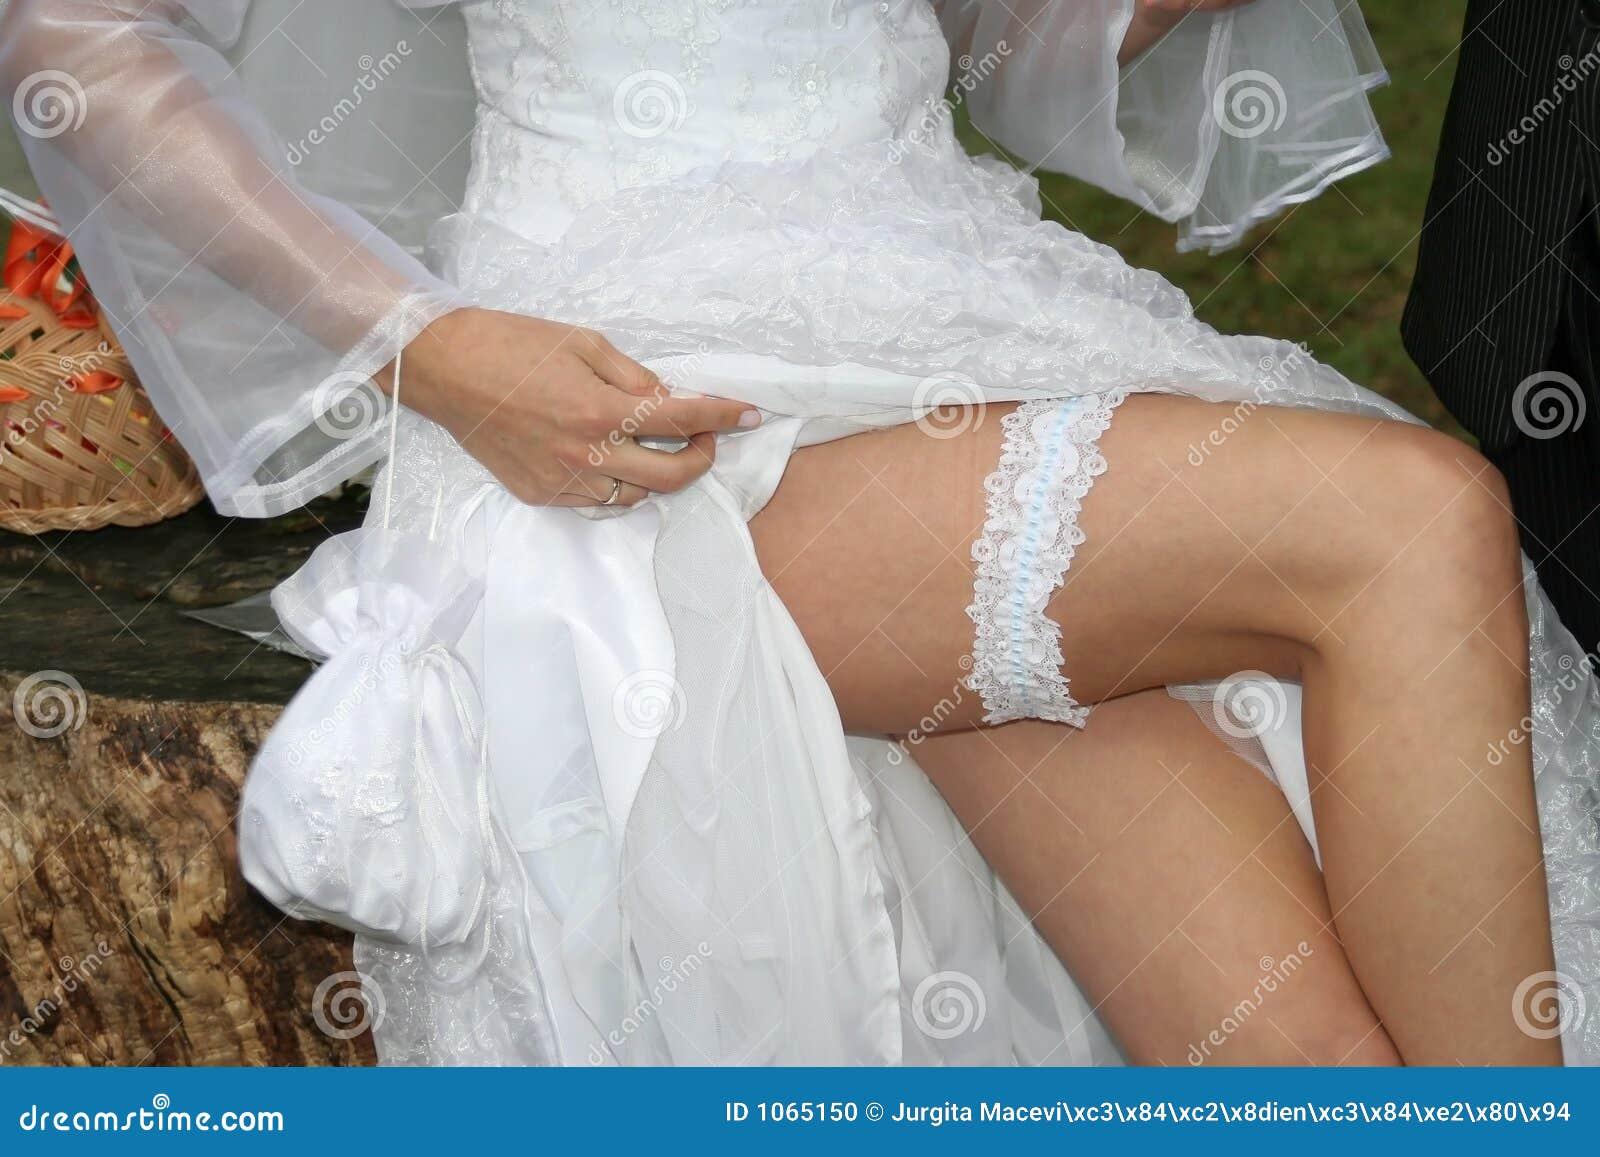 Фото невест нога на ногу, Снова невесты. Ножки (42 фото) » Триникси 28 фотография